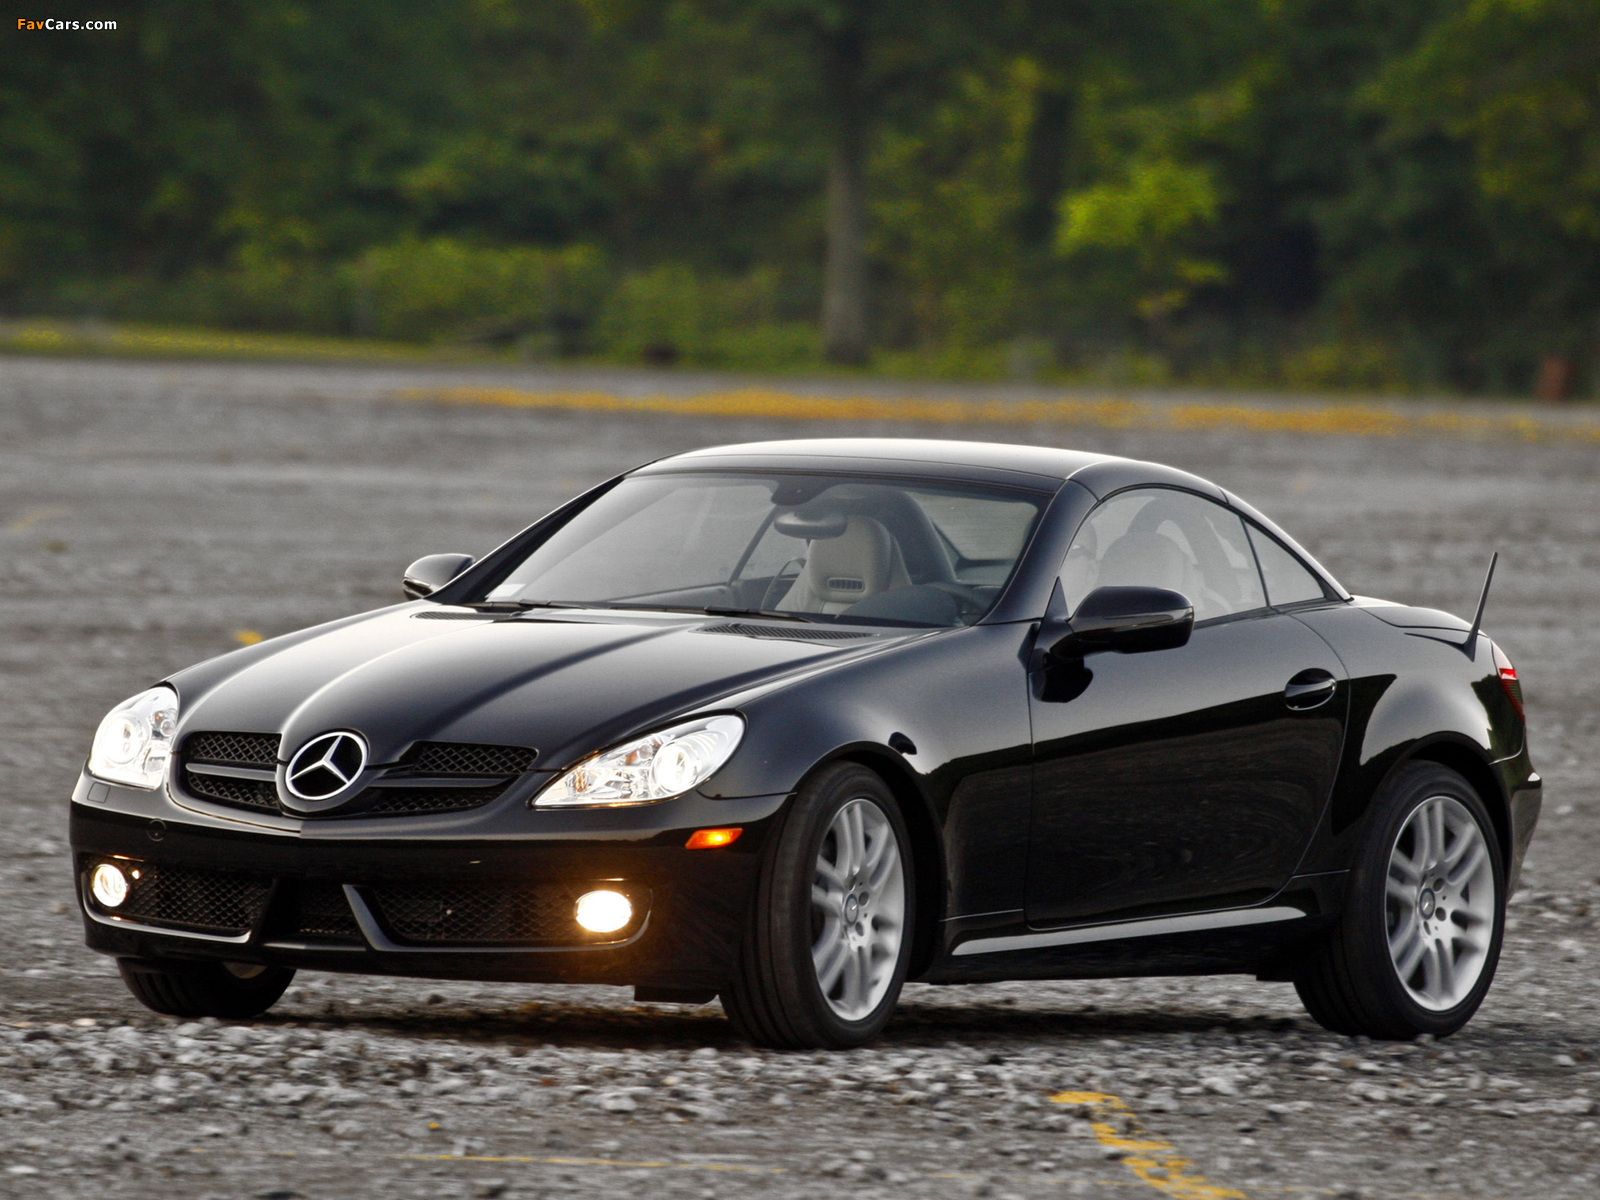 Pictures of mercedes benz slk 300 us spec r171 2009 11 for Mercedes benz slk 300